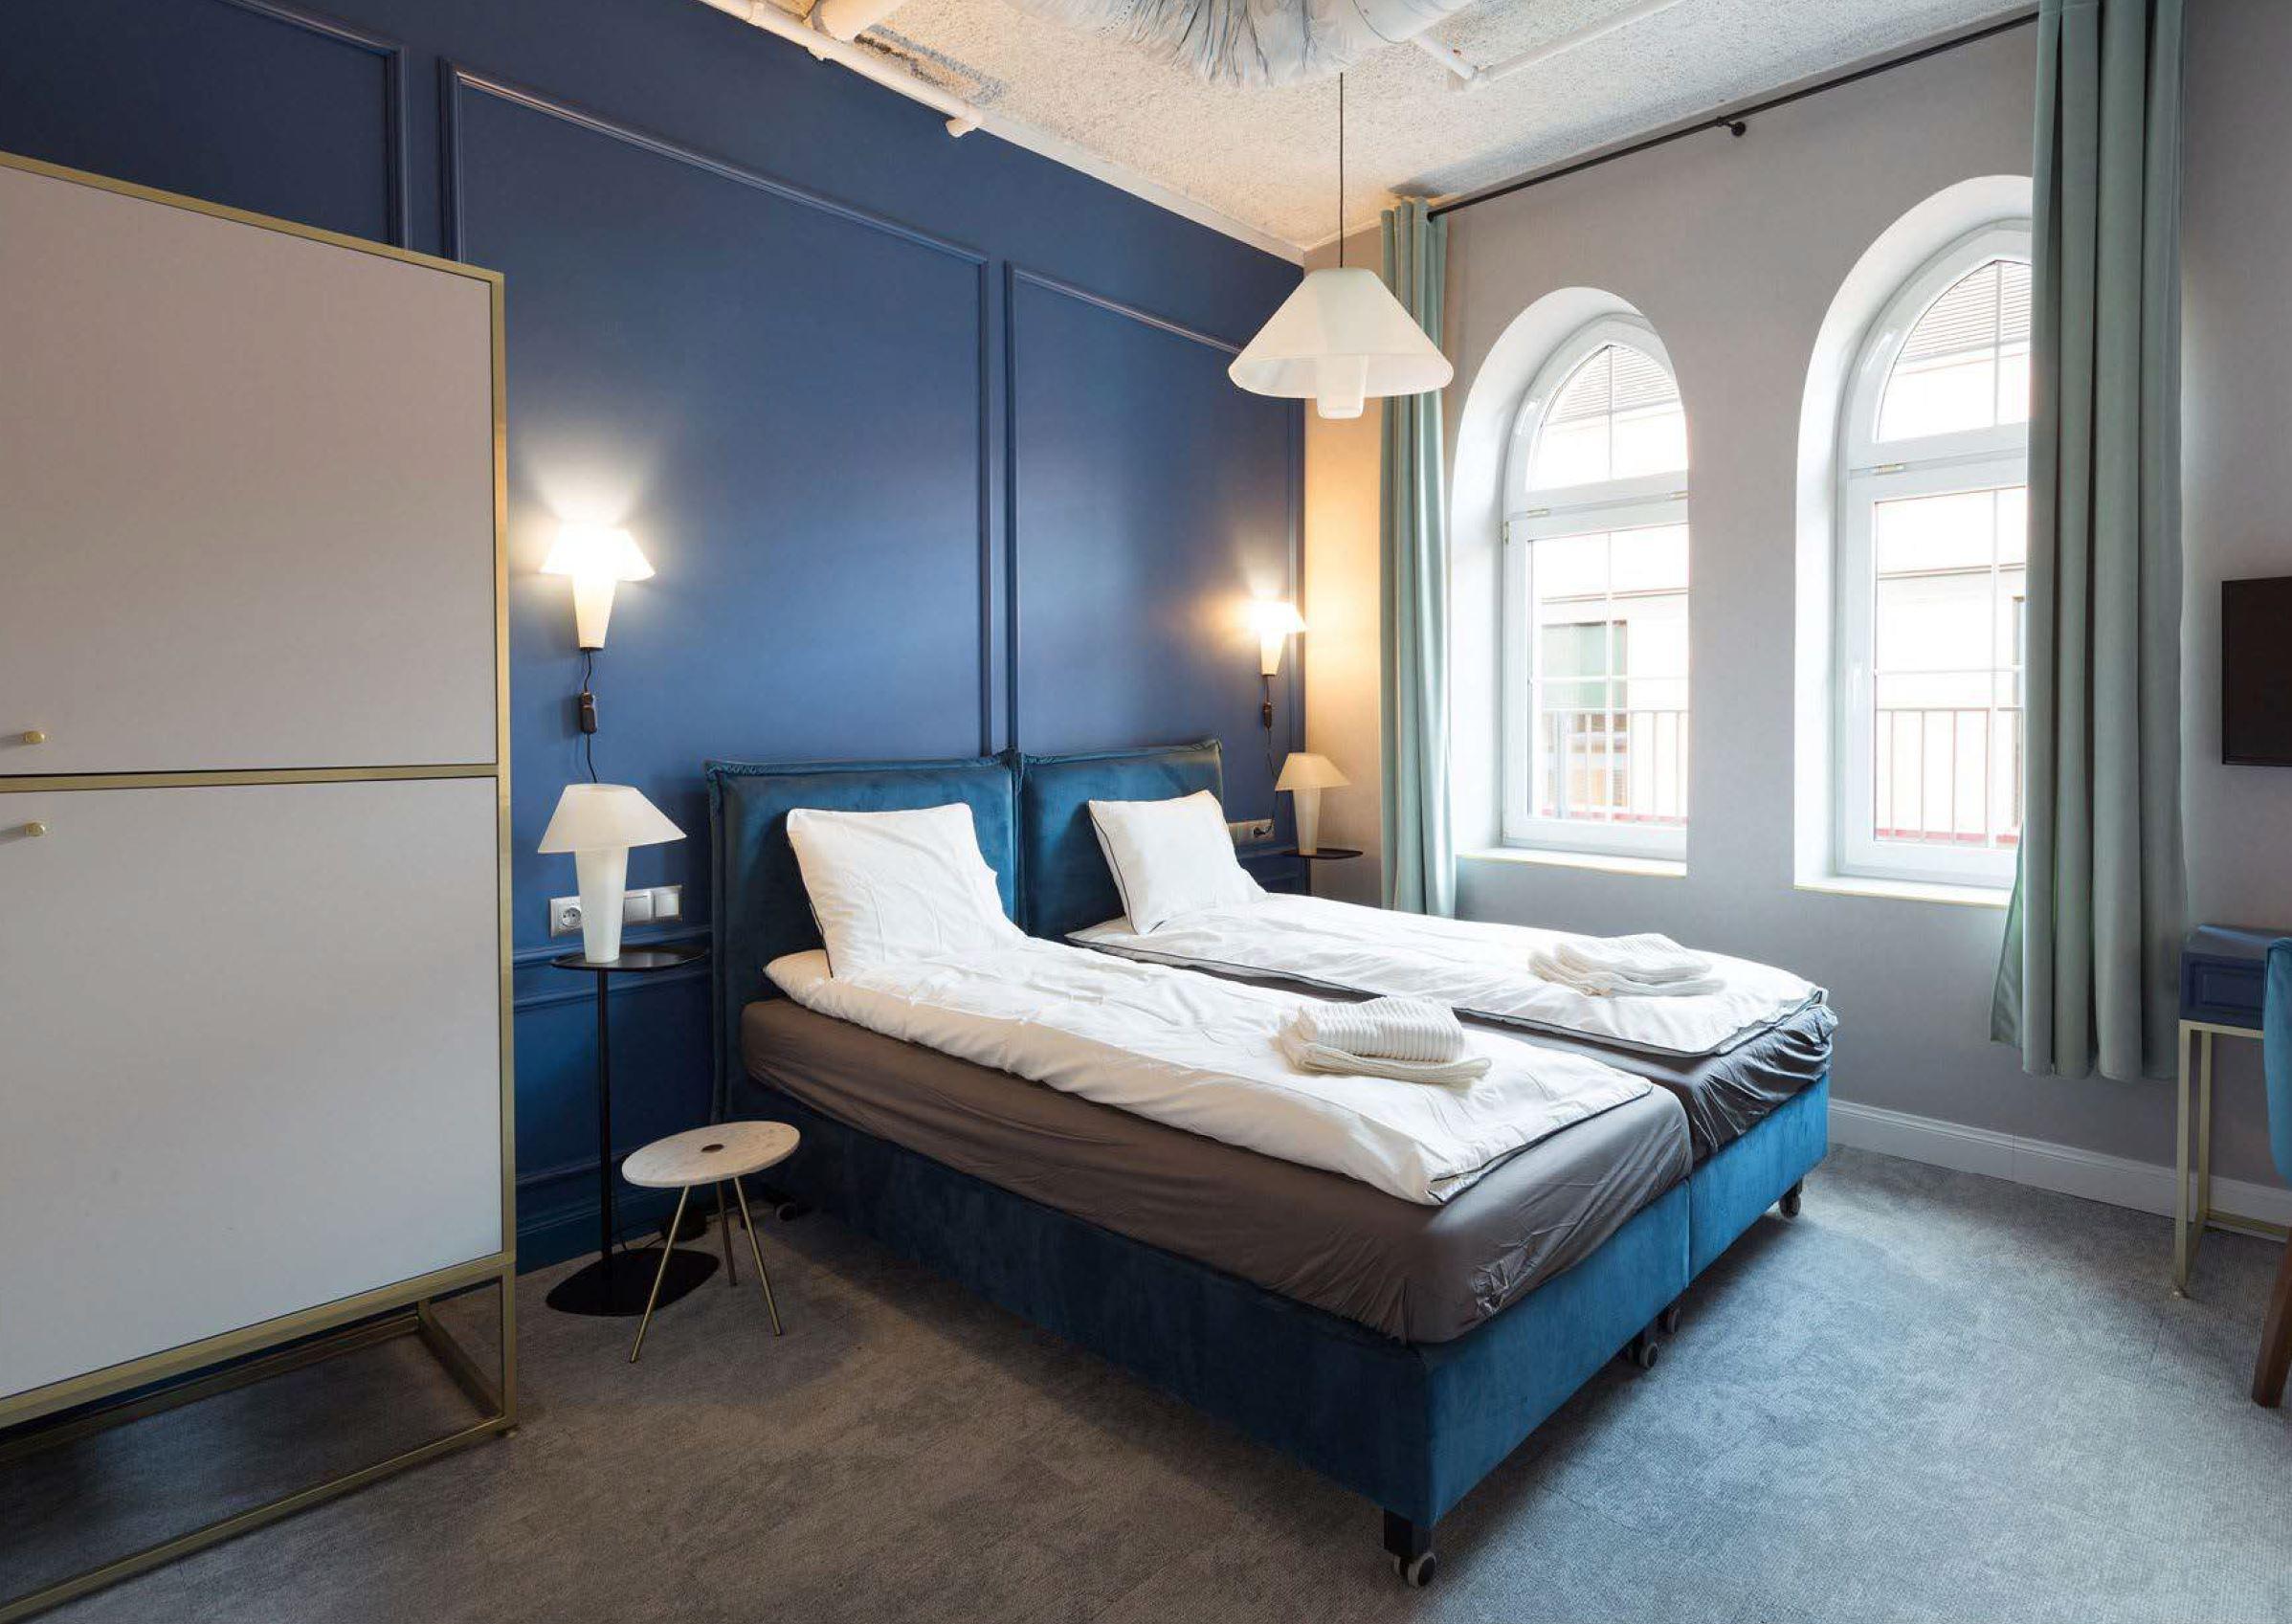 Hotel Furniture For Monastico